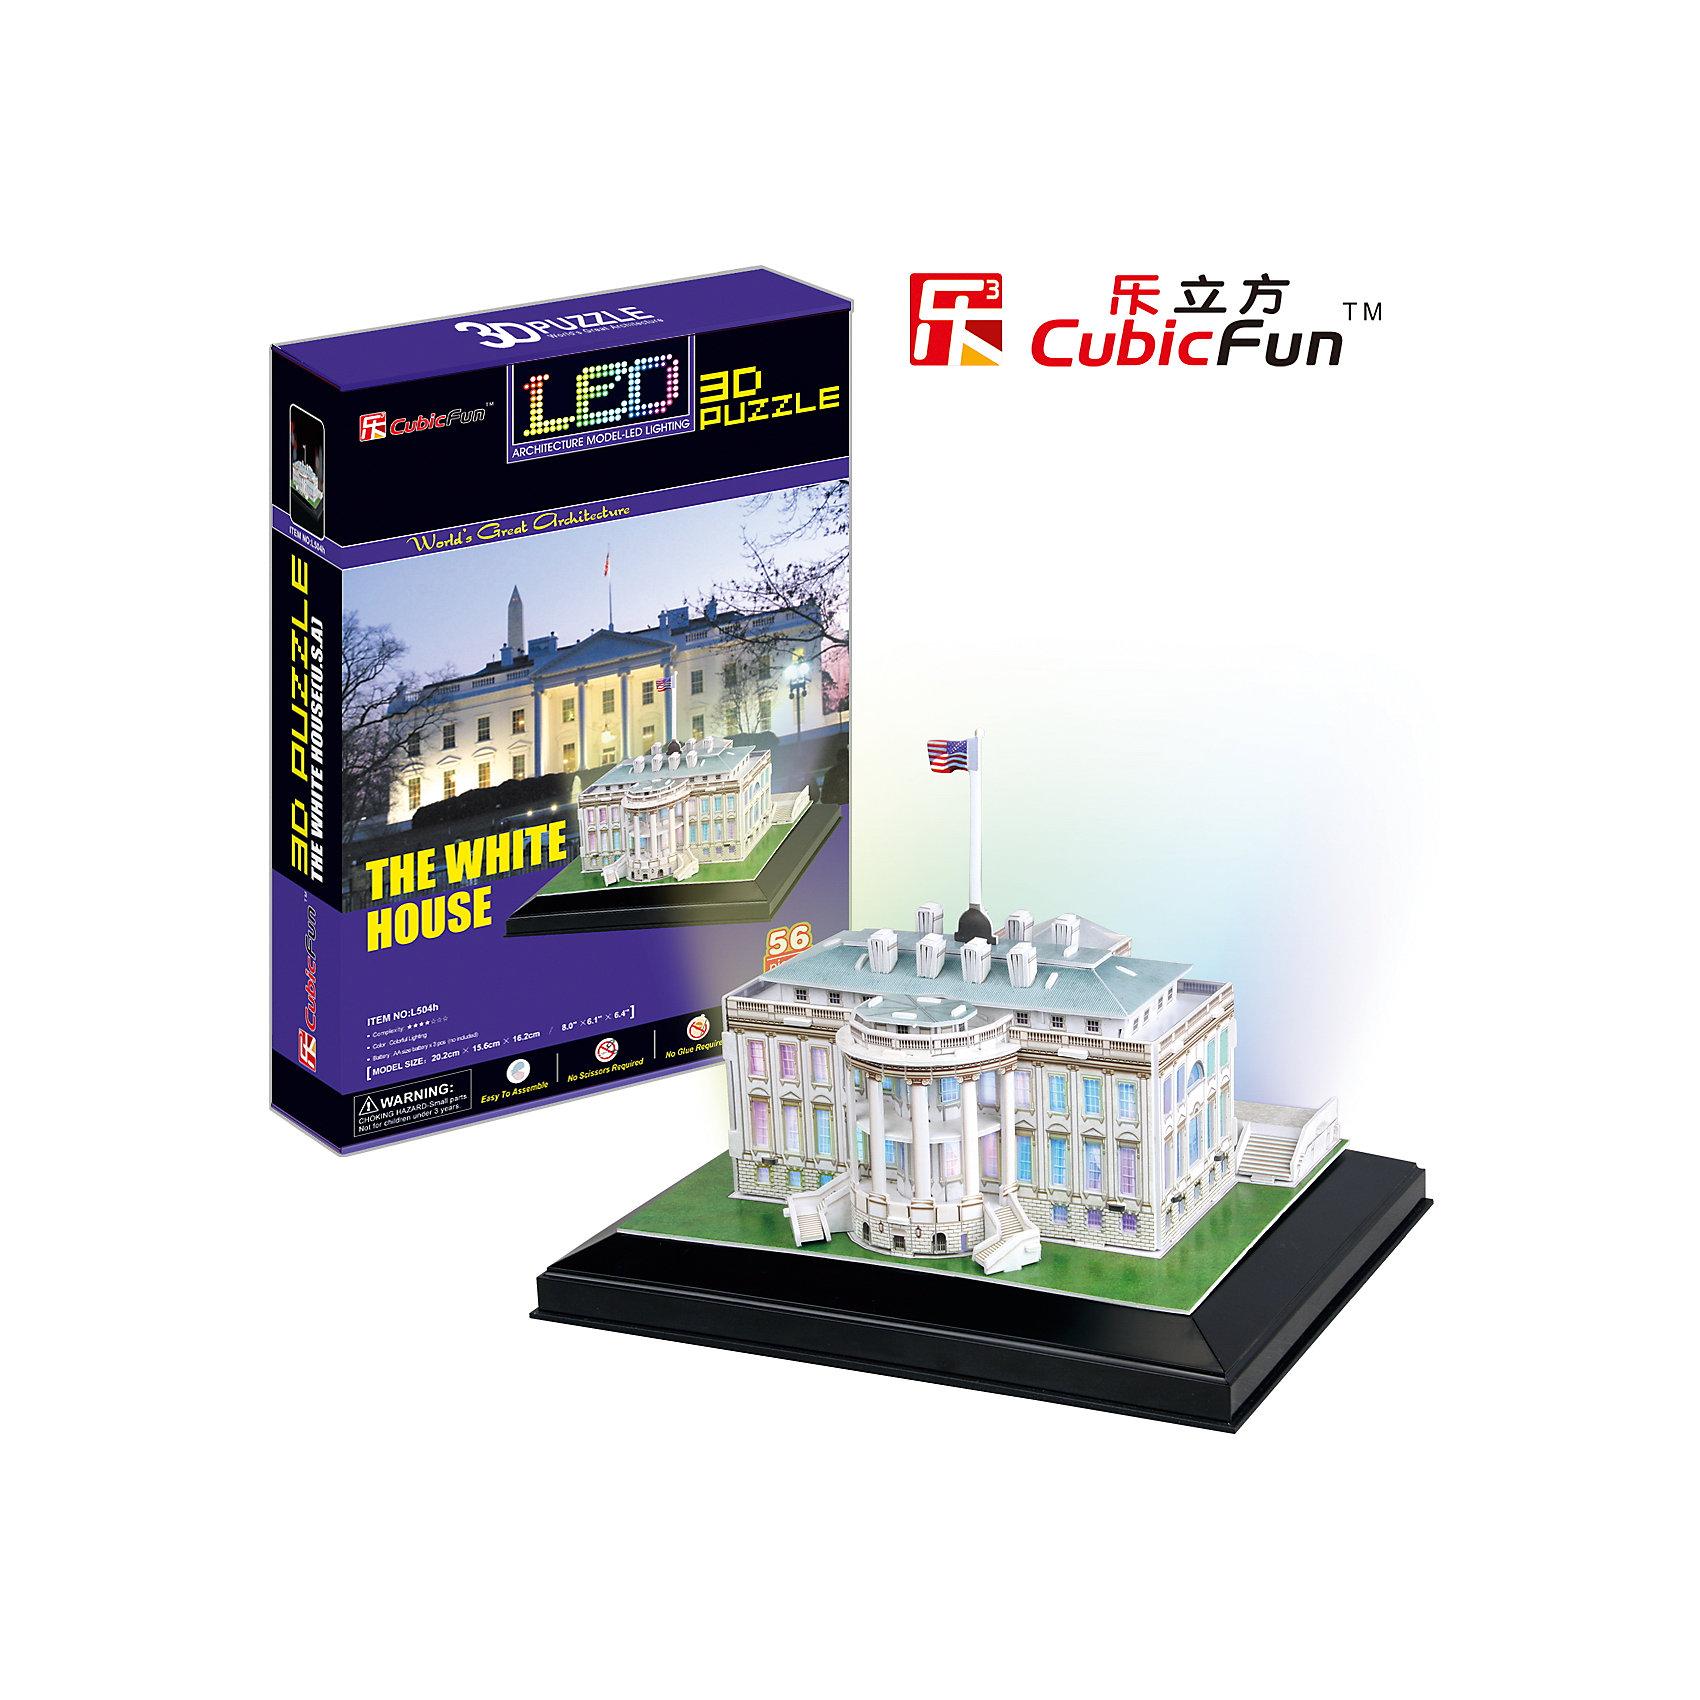 Пазл 3D Белый дом с иллюминацией  (США), CubicFunCubic Fun L504h Кубик фан Белый дом с иллюминацией  (Вашингтон)<br>В течение 200 лет Белый дом стоял как символ Президентства, правительства Соединенных Штатов, и американских людей. Его история началась, когда Президент Джордж Вашингтон подписал постановление конгресса в декабре 1790 года.  <br>Уровень сложности - 4.<br>Функции:<br>- помогает в развитии логики и творческих способностей ребенка;<br>- помогает в формировании мышления, речи, внимания, восприятия и воображения;<br>- развивает моторику рук;<br>- расширяет кругозор ребенка и стимулирует к познанию новой информации.<br>Практические характеристики:<br>- обучающая, яркая и реалистичная модель;<br>- идеально и легко собирается без инструментов;<br>- увлекательный игровой процесс;<br>- тематический ассортимент;<br>- новый качественный материал (ламинированный пенокартон).<br><br>Ширина мм: 220<br>Глубина мм: 330<br>Высота мм: 60<br>Вес г: 767<br>Возраст от месяцев: 72<br>Возраст до месяцев: 192<br>Пол: Унисекс<br>Возраст: Детский<br>SKU: 4951146